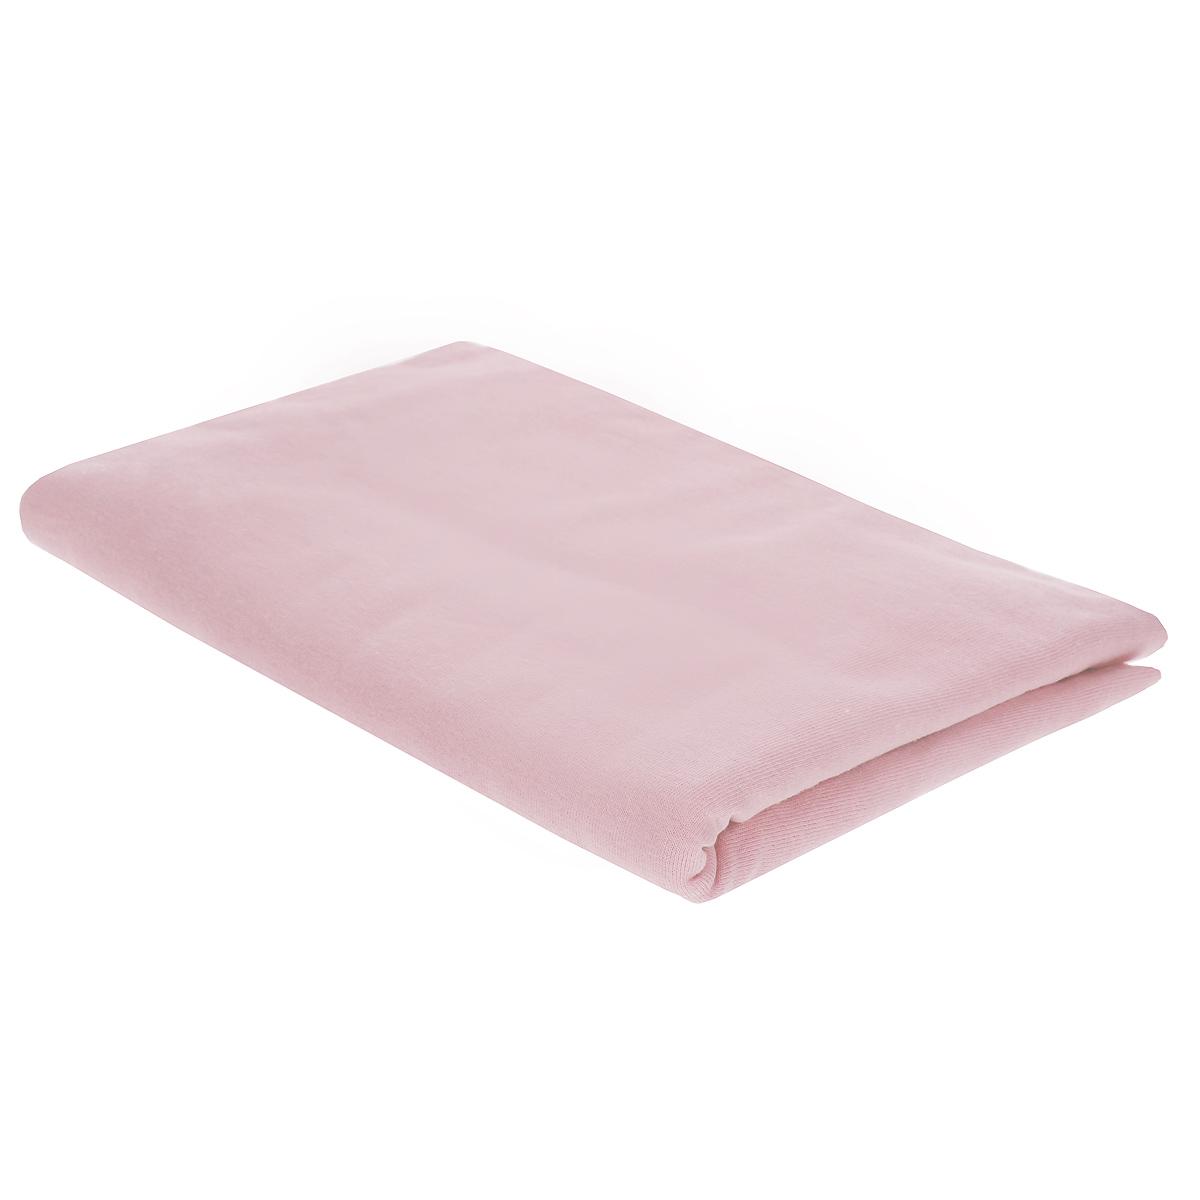 Пеленка трикотажная Трон-Плюс, цвет: розовый, 120 см х 90 см5401 рДетская пеленка Трон-Плюс подходит для пеленания ребенка с самого рождения. Она невероятно мягкая и нежная на ощупь. Пеленка выполнена из кулирки - тонкого трикотажного материала из хлопка гладкого покроя. Такая ткань прекрасно дышит, она гипоаллергенна, почти не мнется и не теряет формы после стирки. Мягкая ткань укутывает малыша с необычайной нежностью. Пеленку также можно использовать как легкое одеяло в жаркую погоду, простынку, полотенце после купания, накидку для кормления грудью или солнцезащитный козырек. Ее размер подходит для пеленания даже крупного малыша. Характеристики: Размер пеленки: 120 см x 90 см.